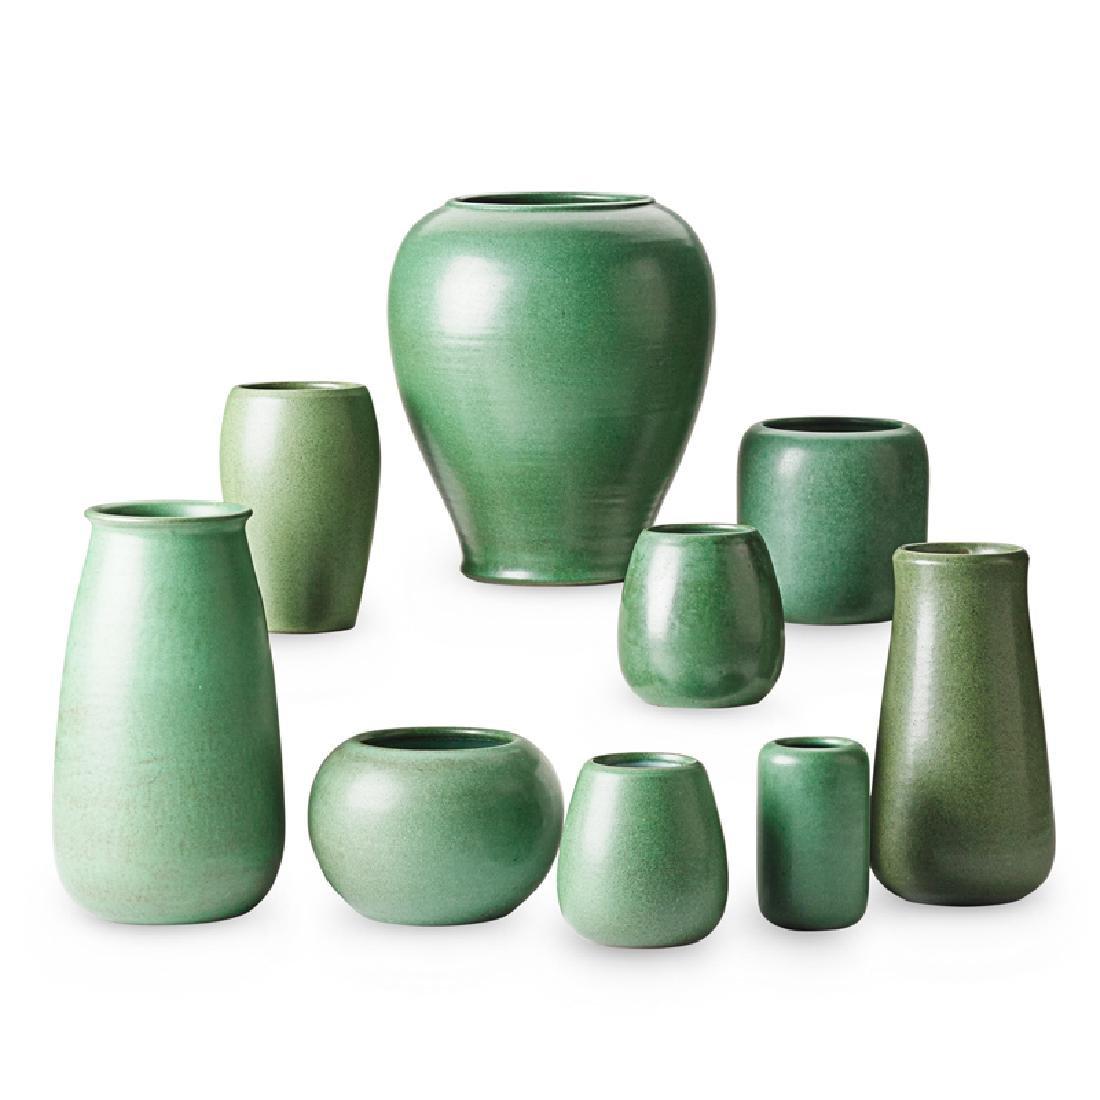 MARBLEHEAD Nine green vases